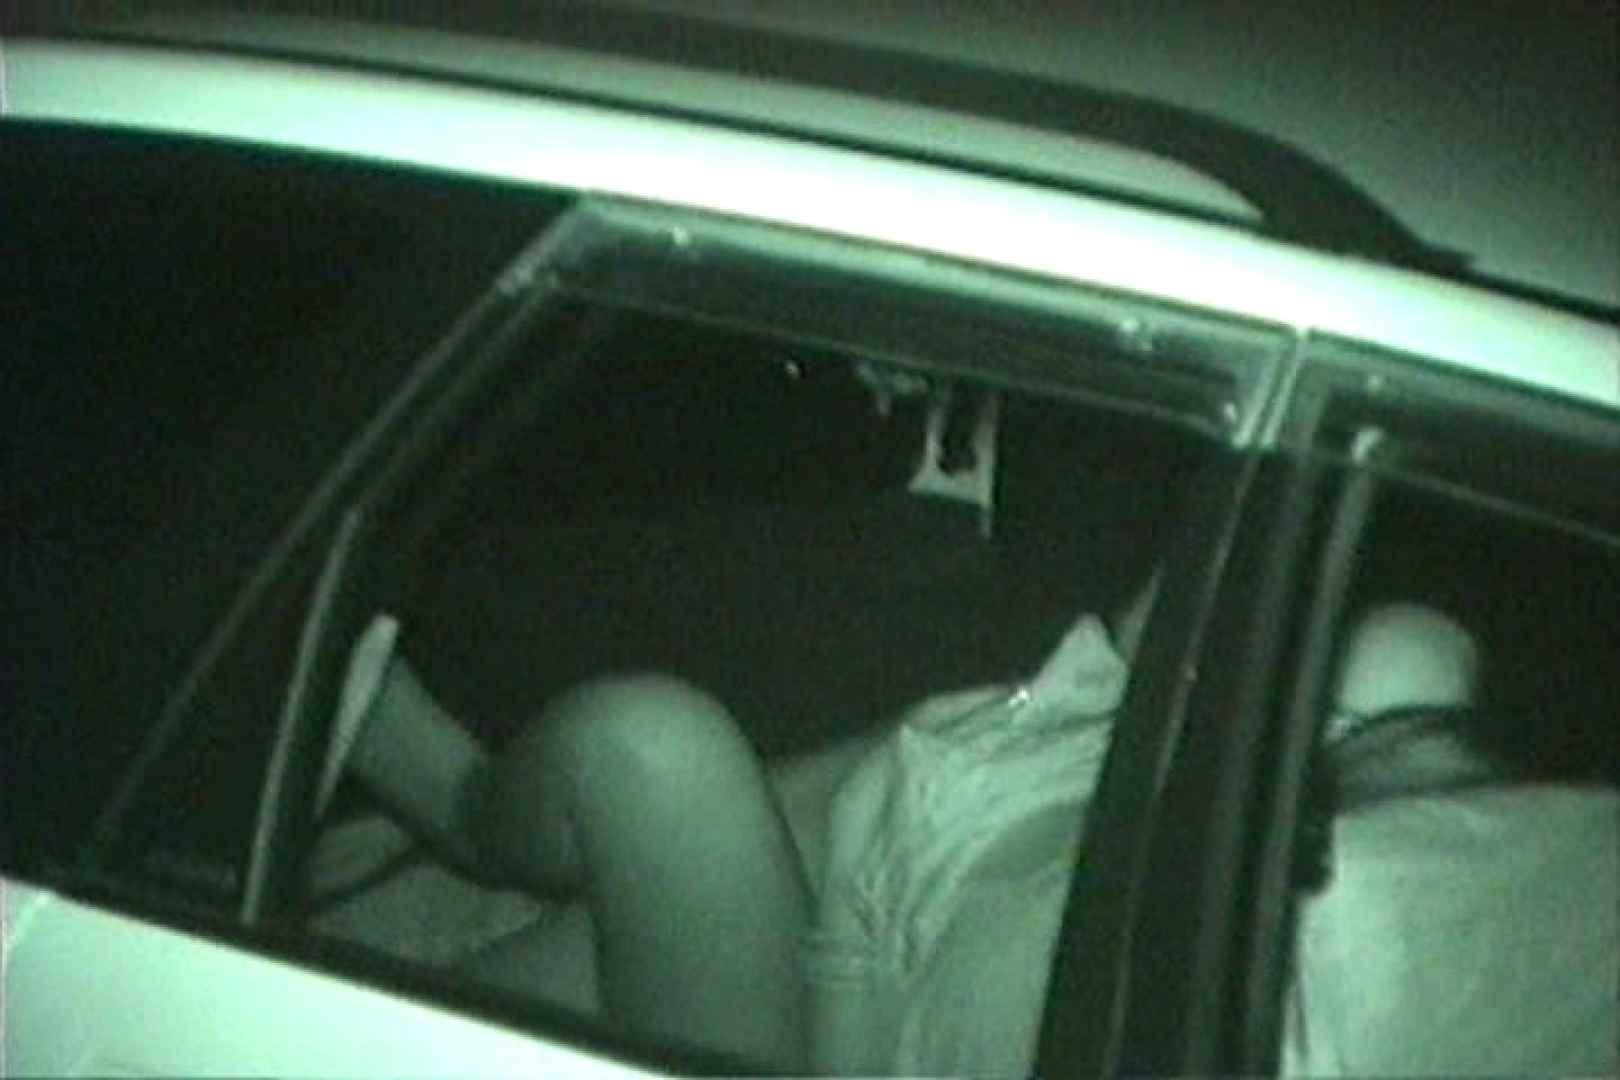 車の中はラブホテル 無修正版  Vol.24 素人 | セックス  56pic 1